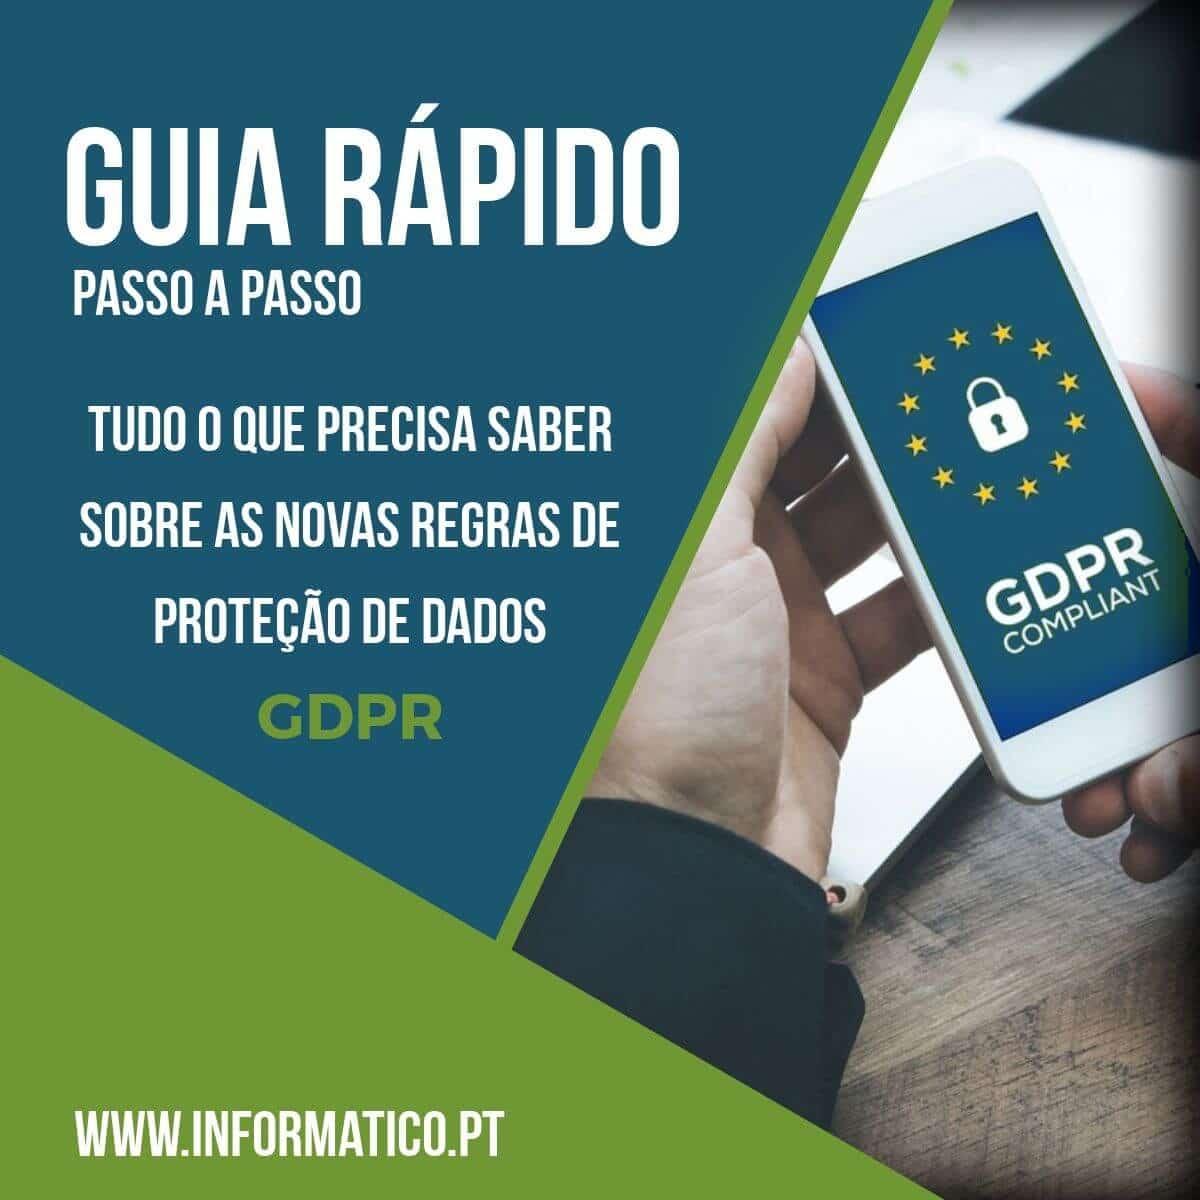 Guia passo a passo GDPR